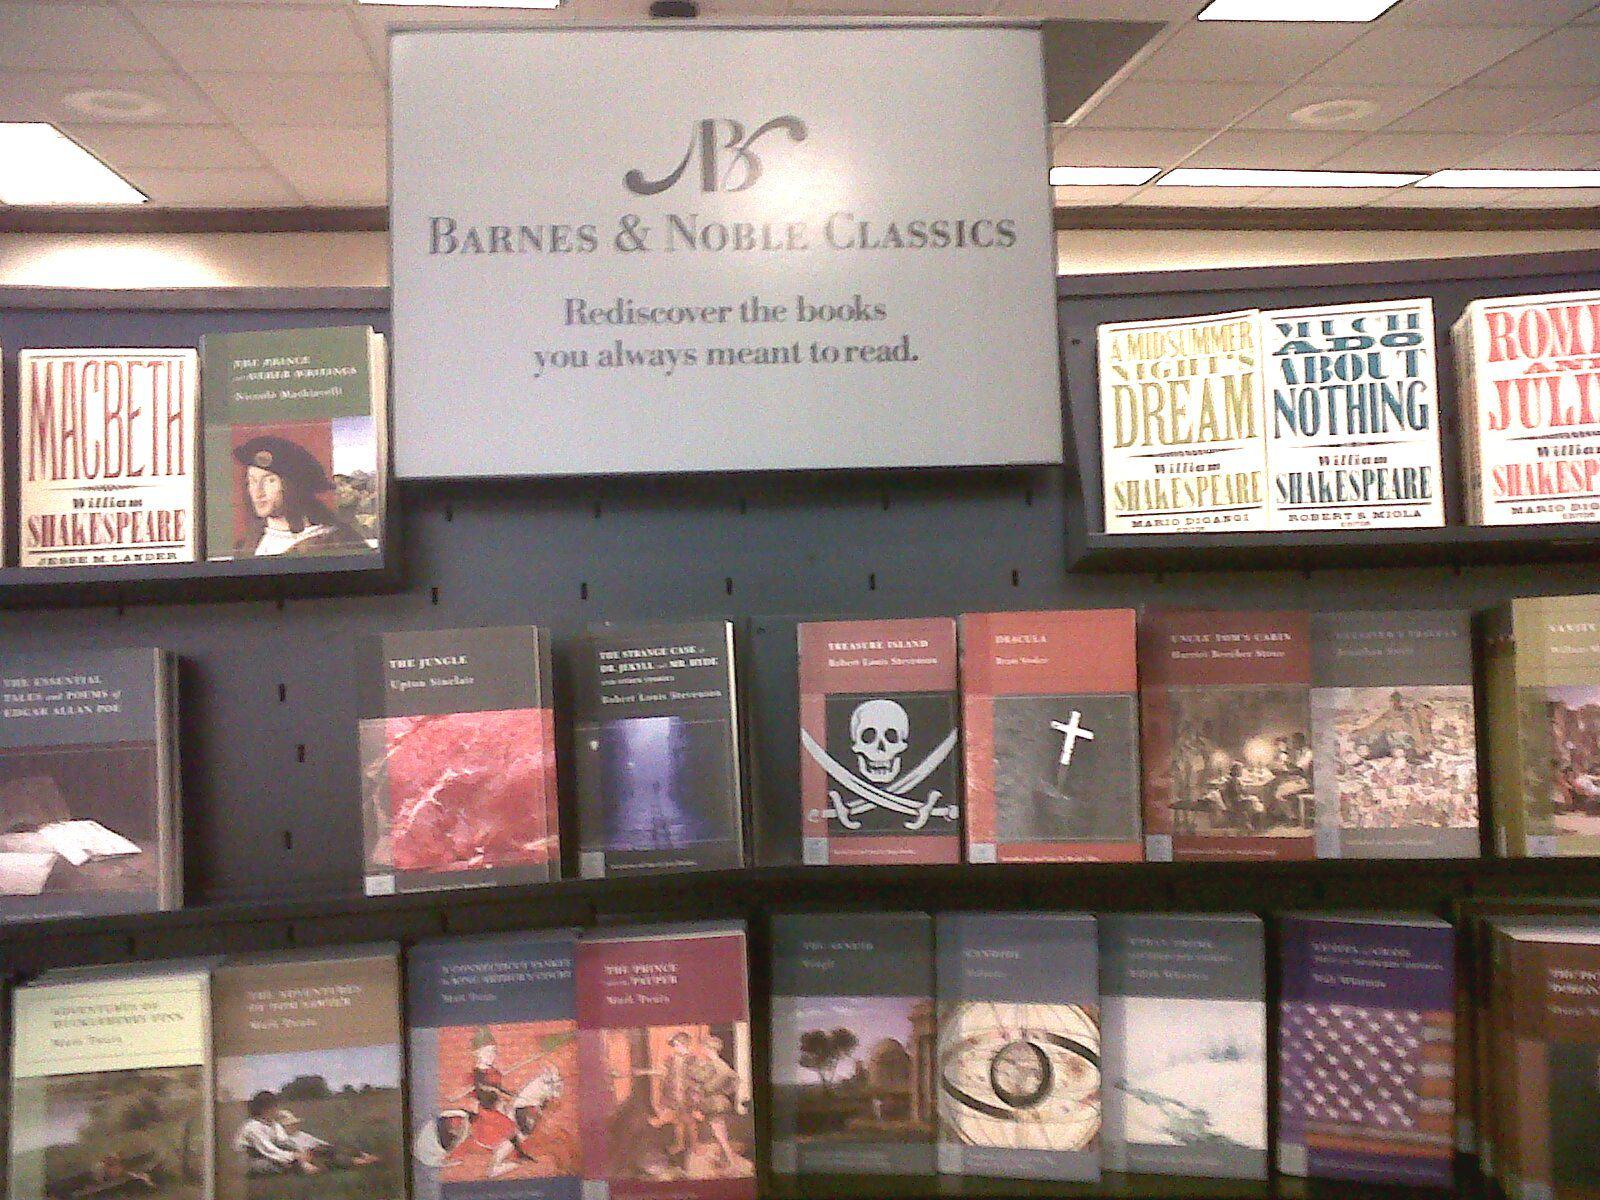 Clásicos de Barnes & Noble. Redescubra los libros que siempre quiso leer. Una forma de incrementar ventas de inventario de baja rotación.